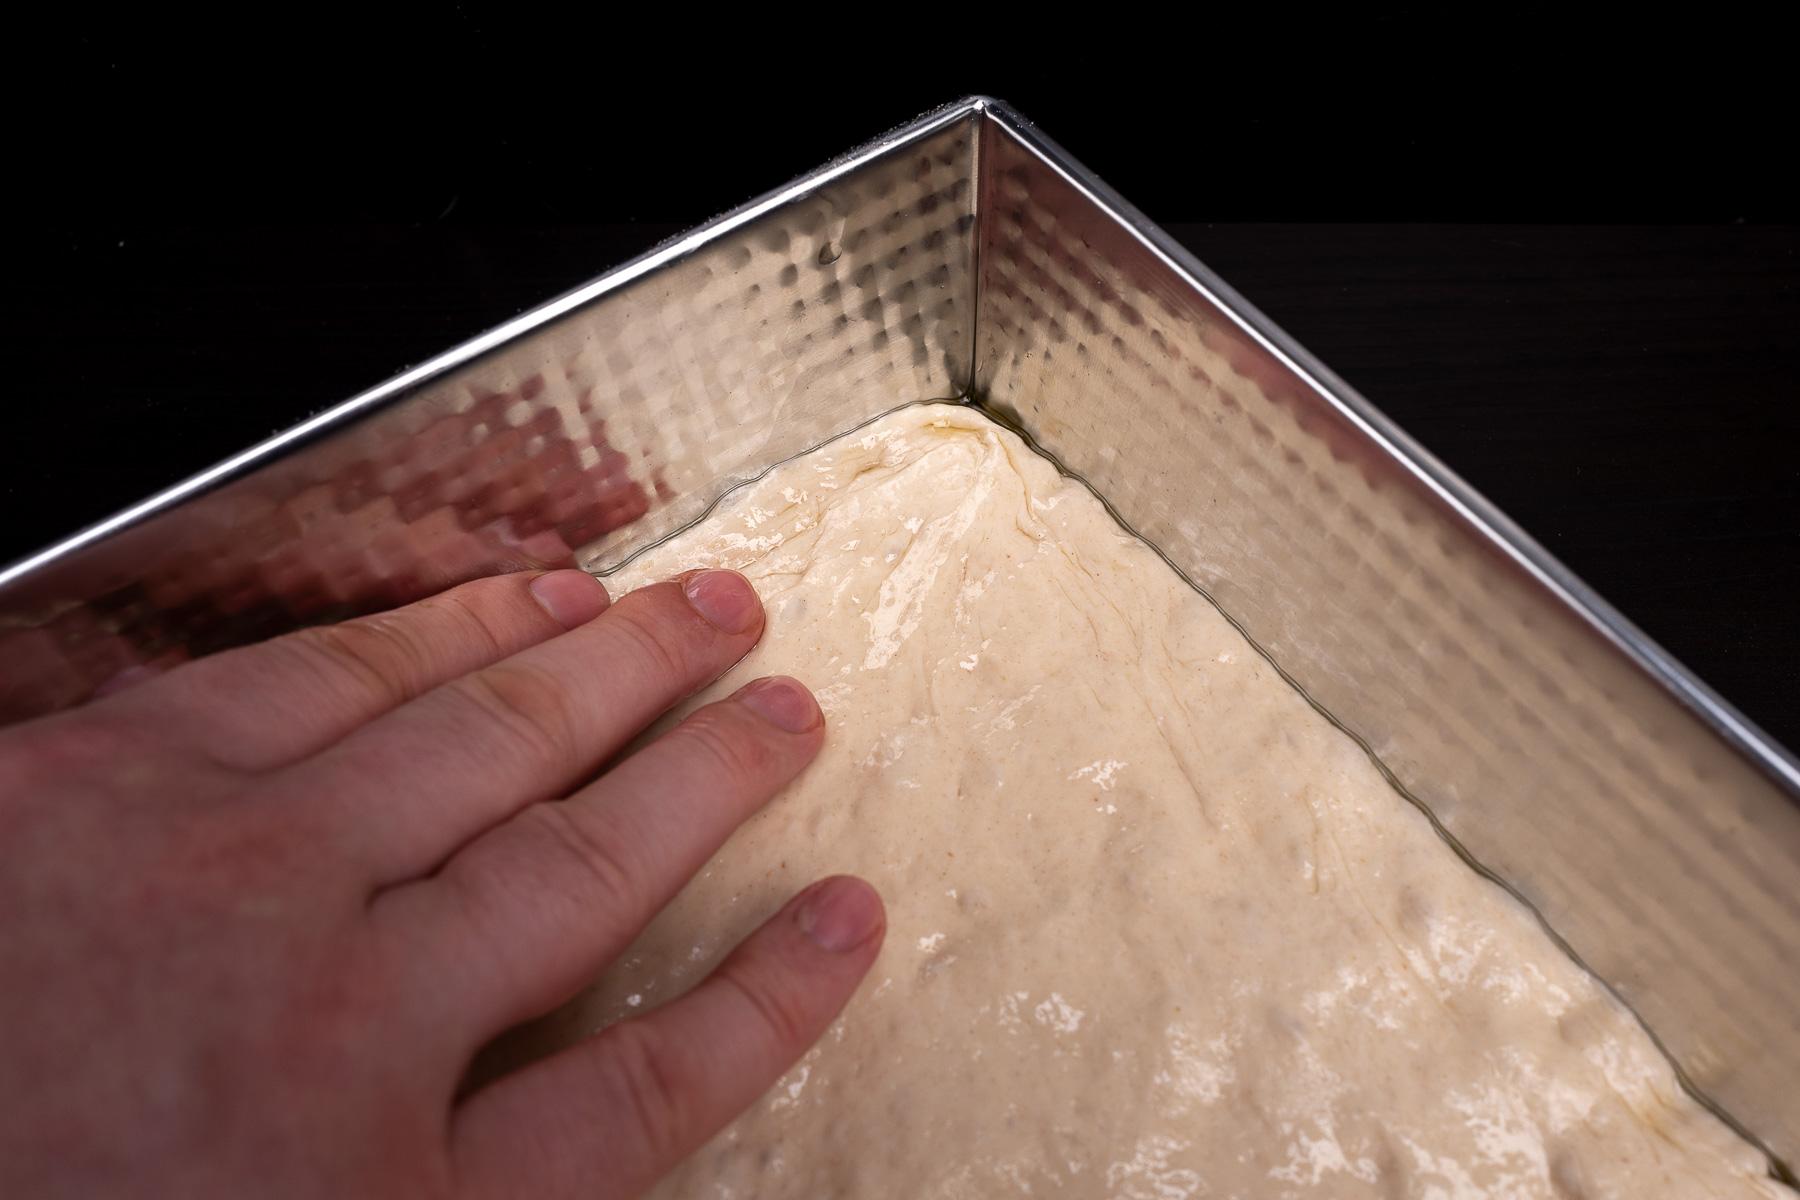 po przerwie naciągamy rogi jeszcze raz, żeby ciasto stanowiło idealny prostokąt